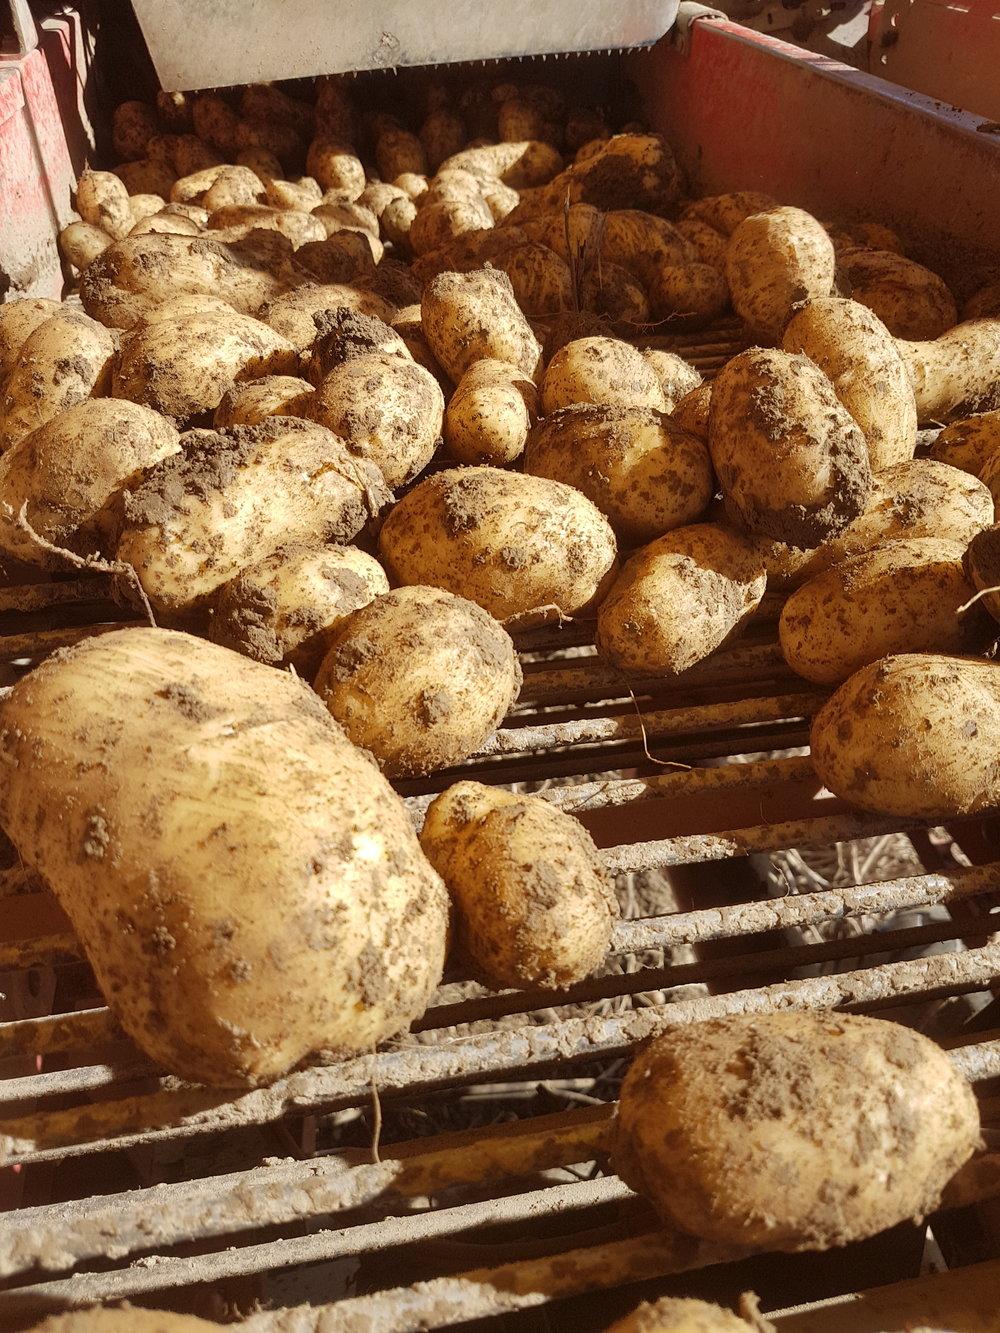 Die letzte Sorte Markies wird zu Pommes Frites verarbeitet